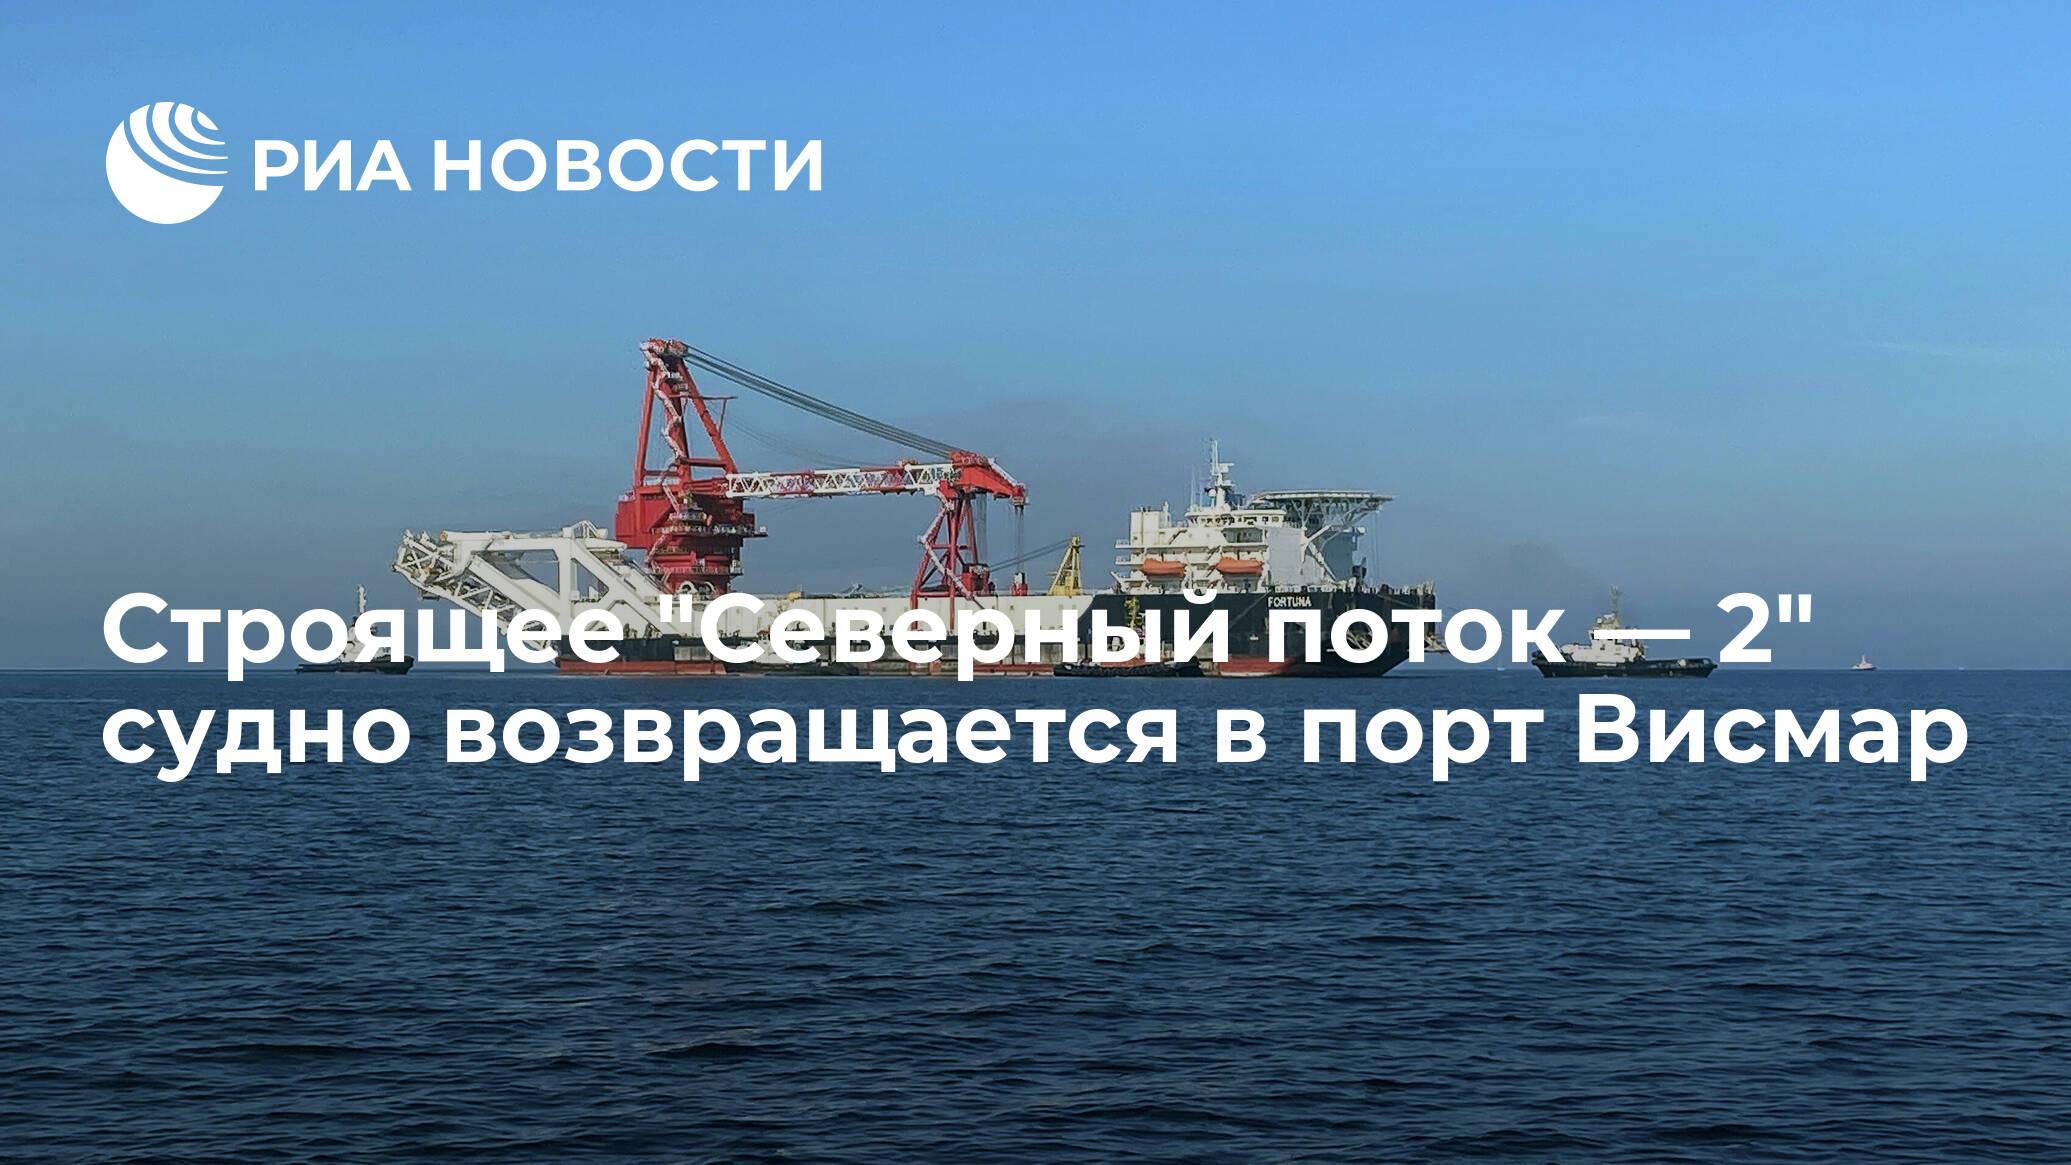 Строит «Северный поток — 2» судно возвращается в порт Висмар